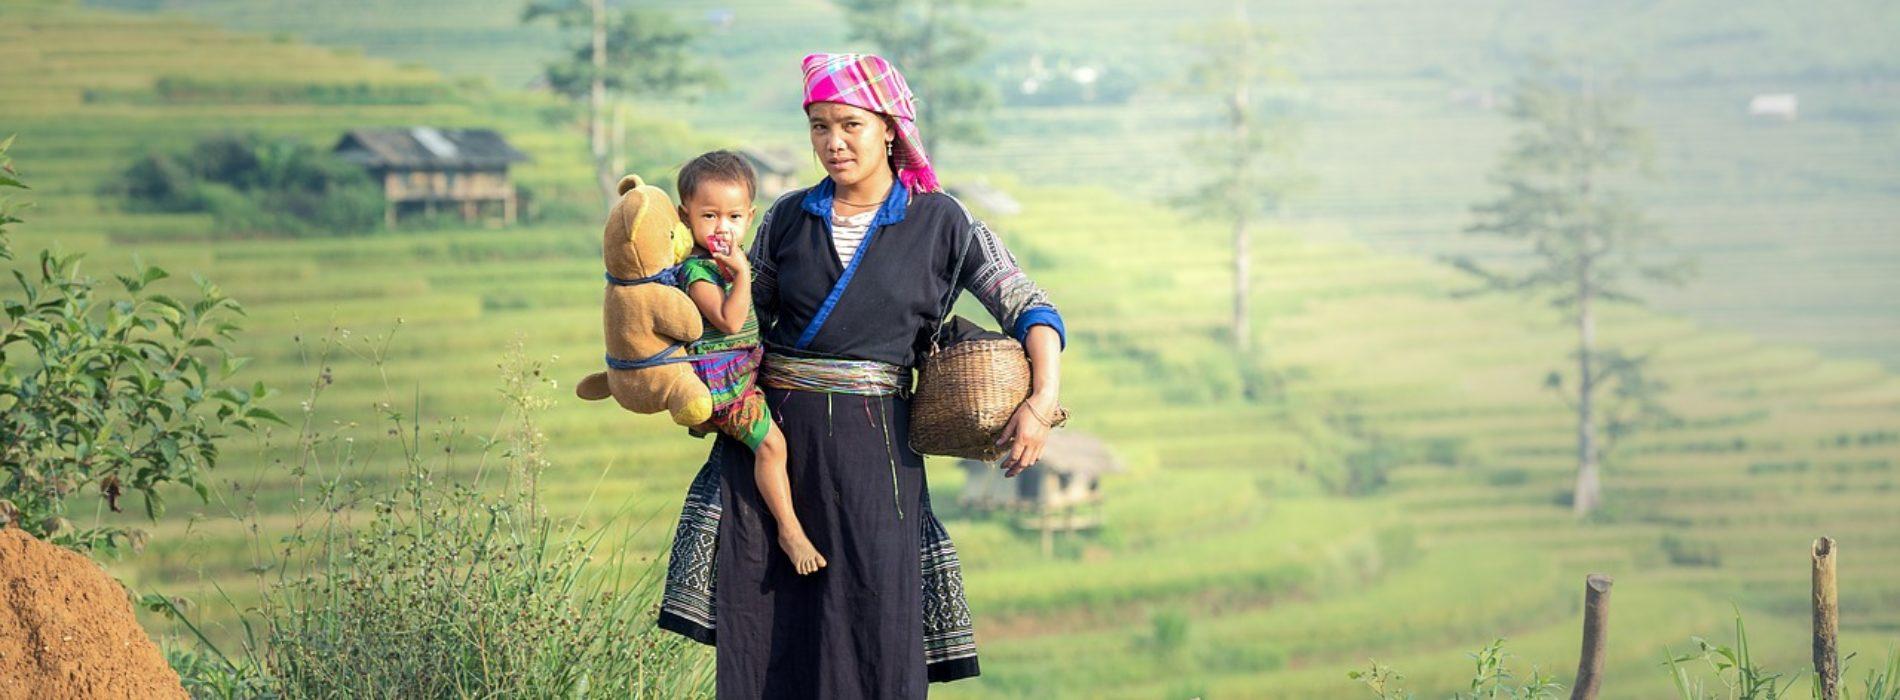 Niezwykły kraj z wyjątkowymi ludźmi – Laos atrakcje z biurem podróży Logos Tour.